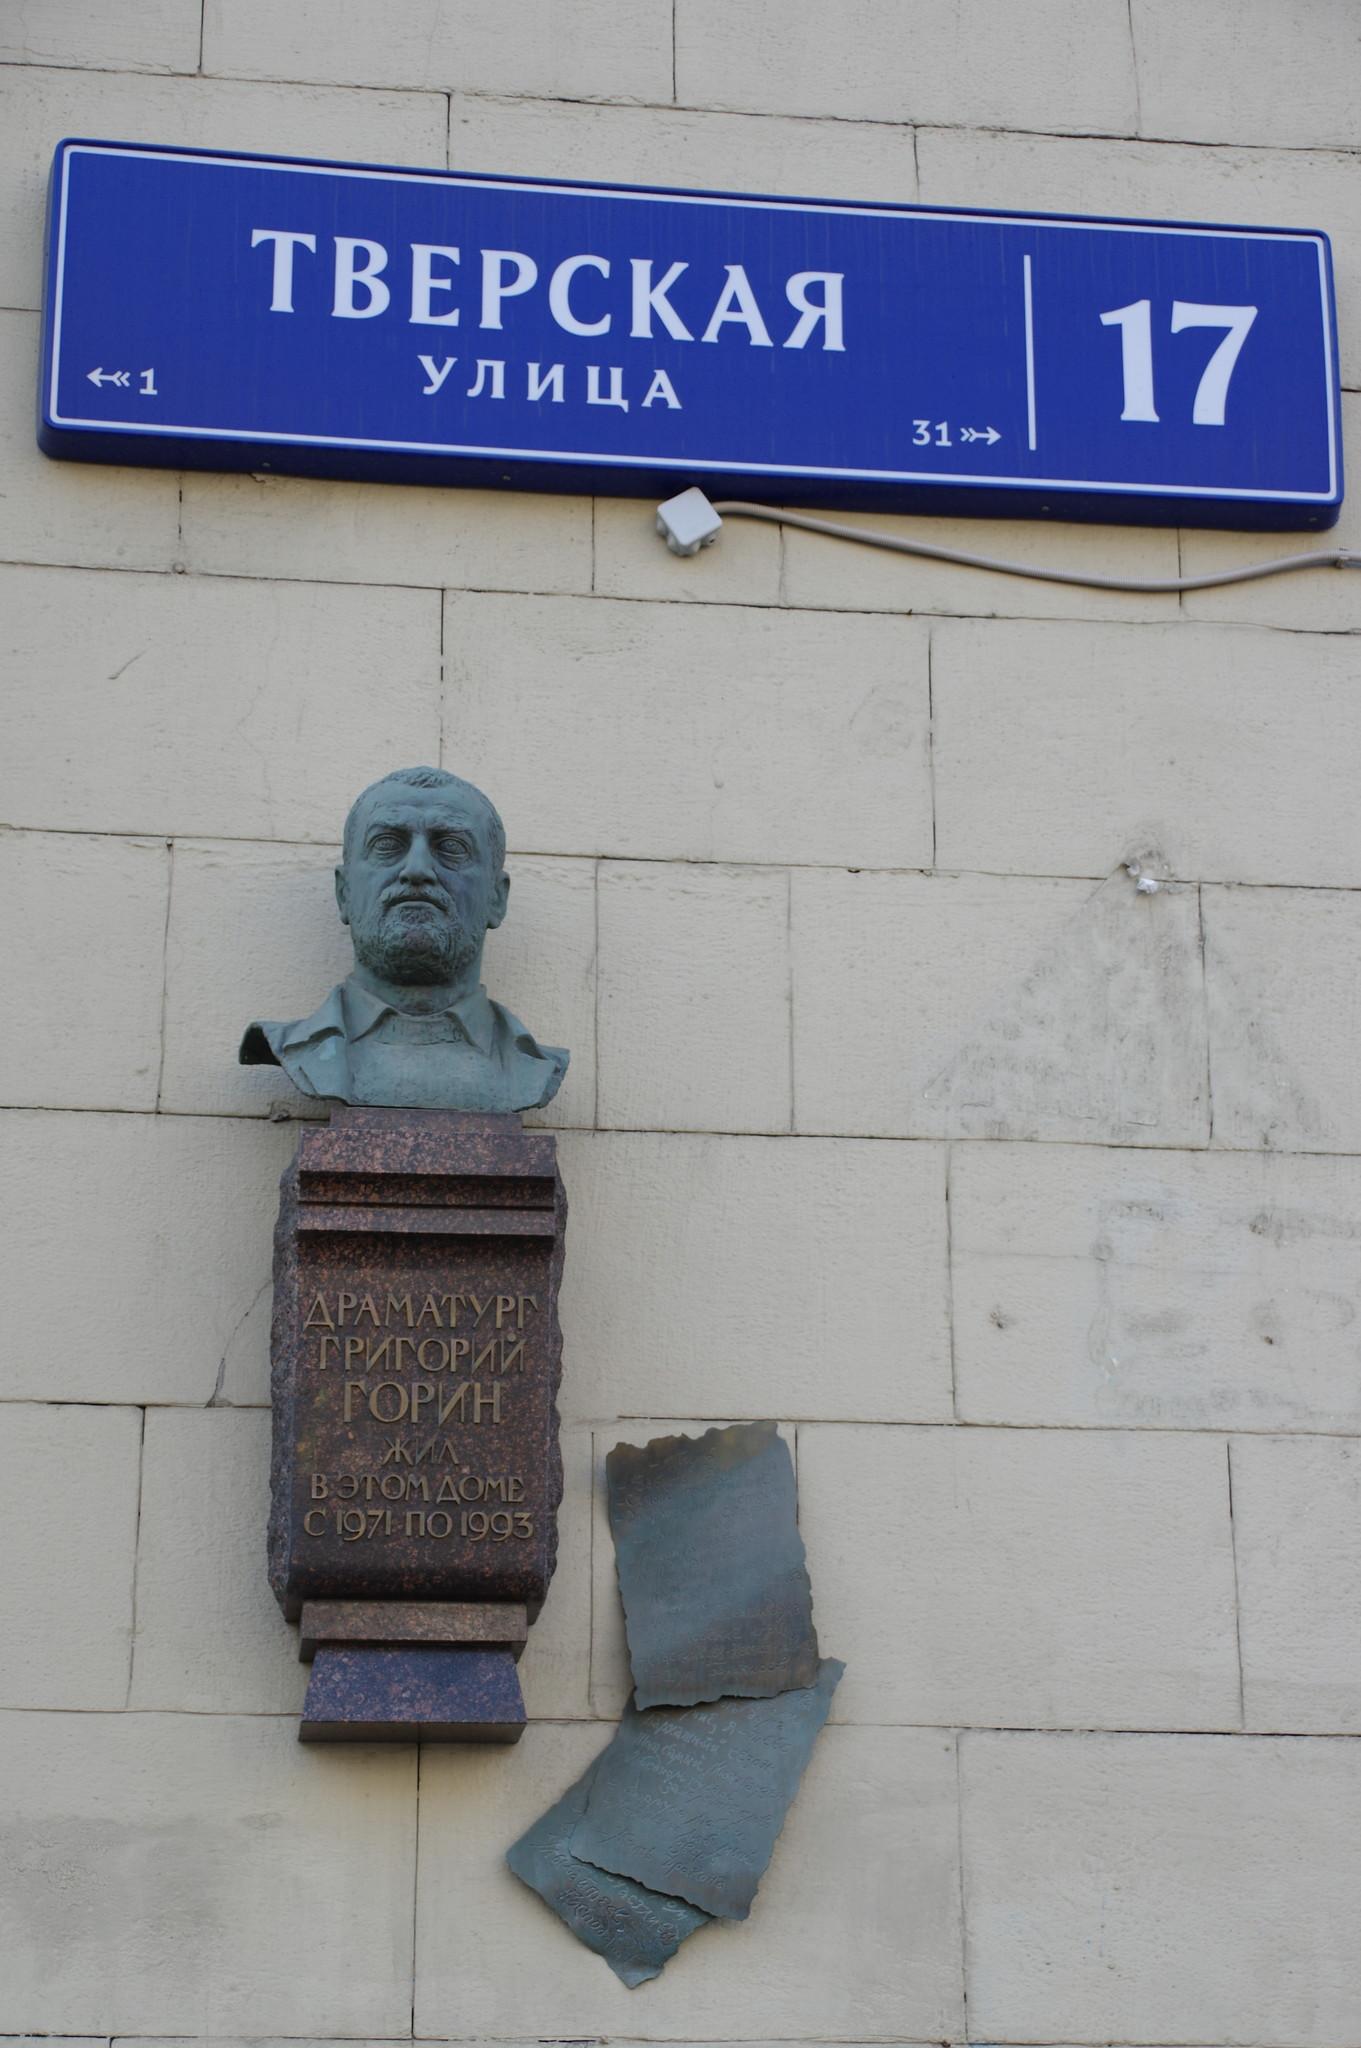 Мемориальная доска Григорию Горину в Москве на доме № 17 по Тверской улице